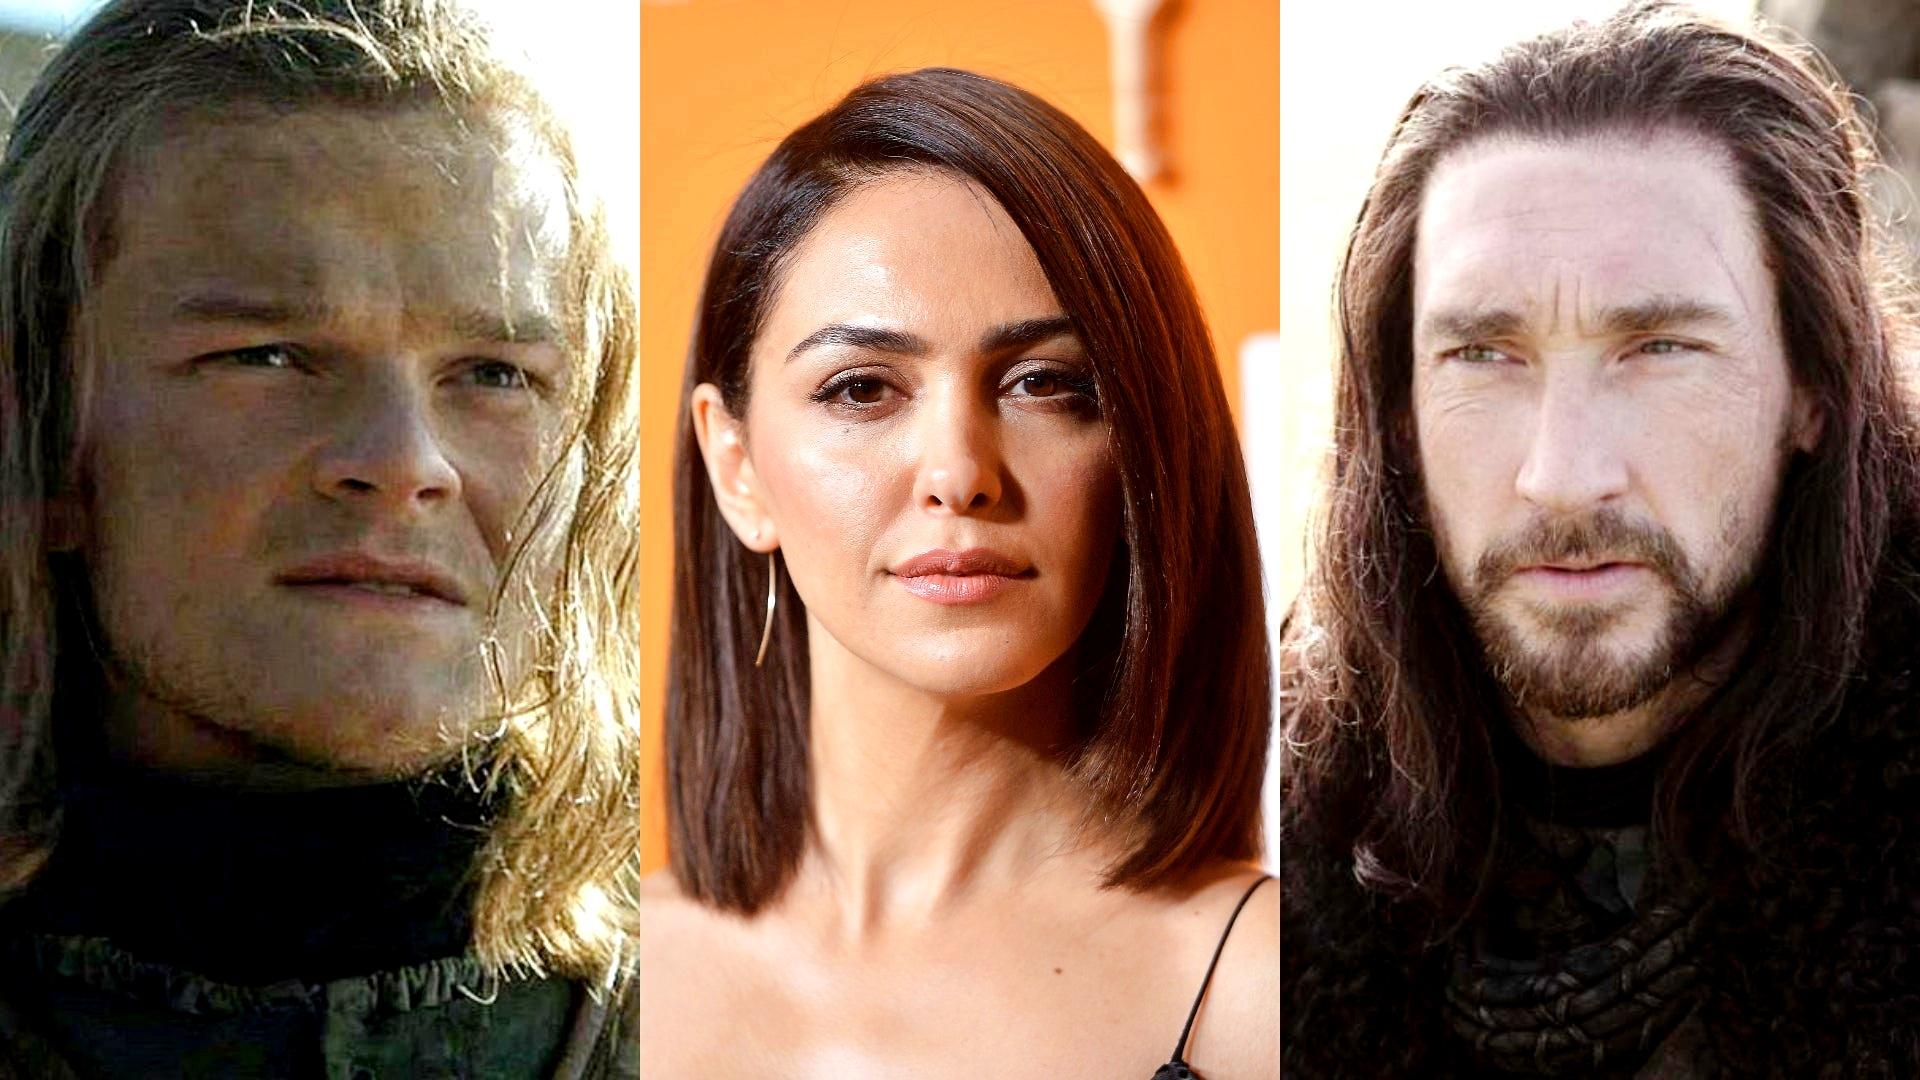 Annunciato cast de Il Signore degli Anelli, molto Game of Thrones